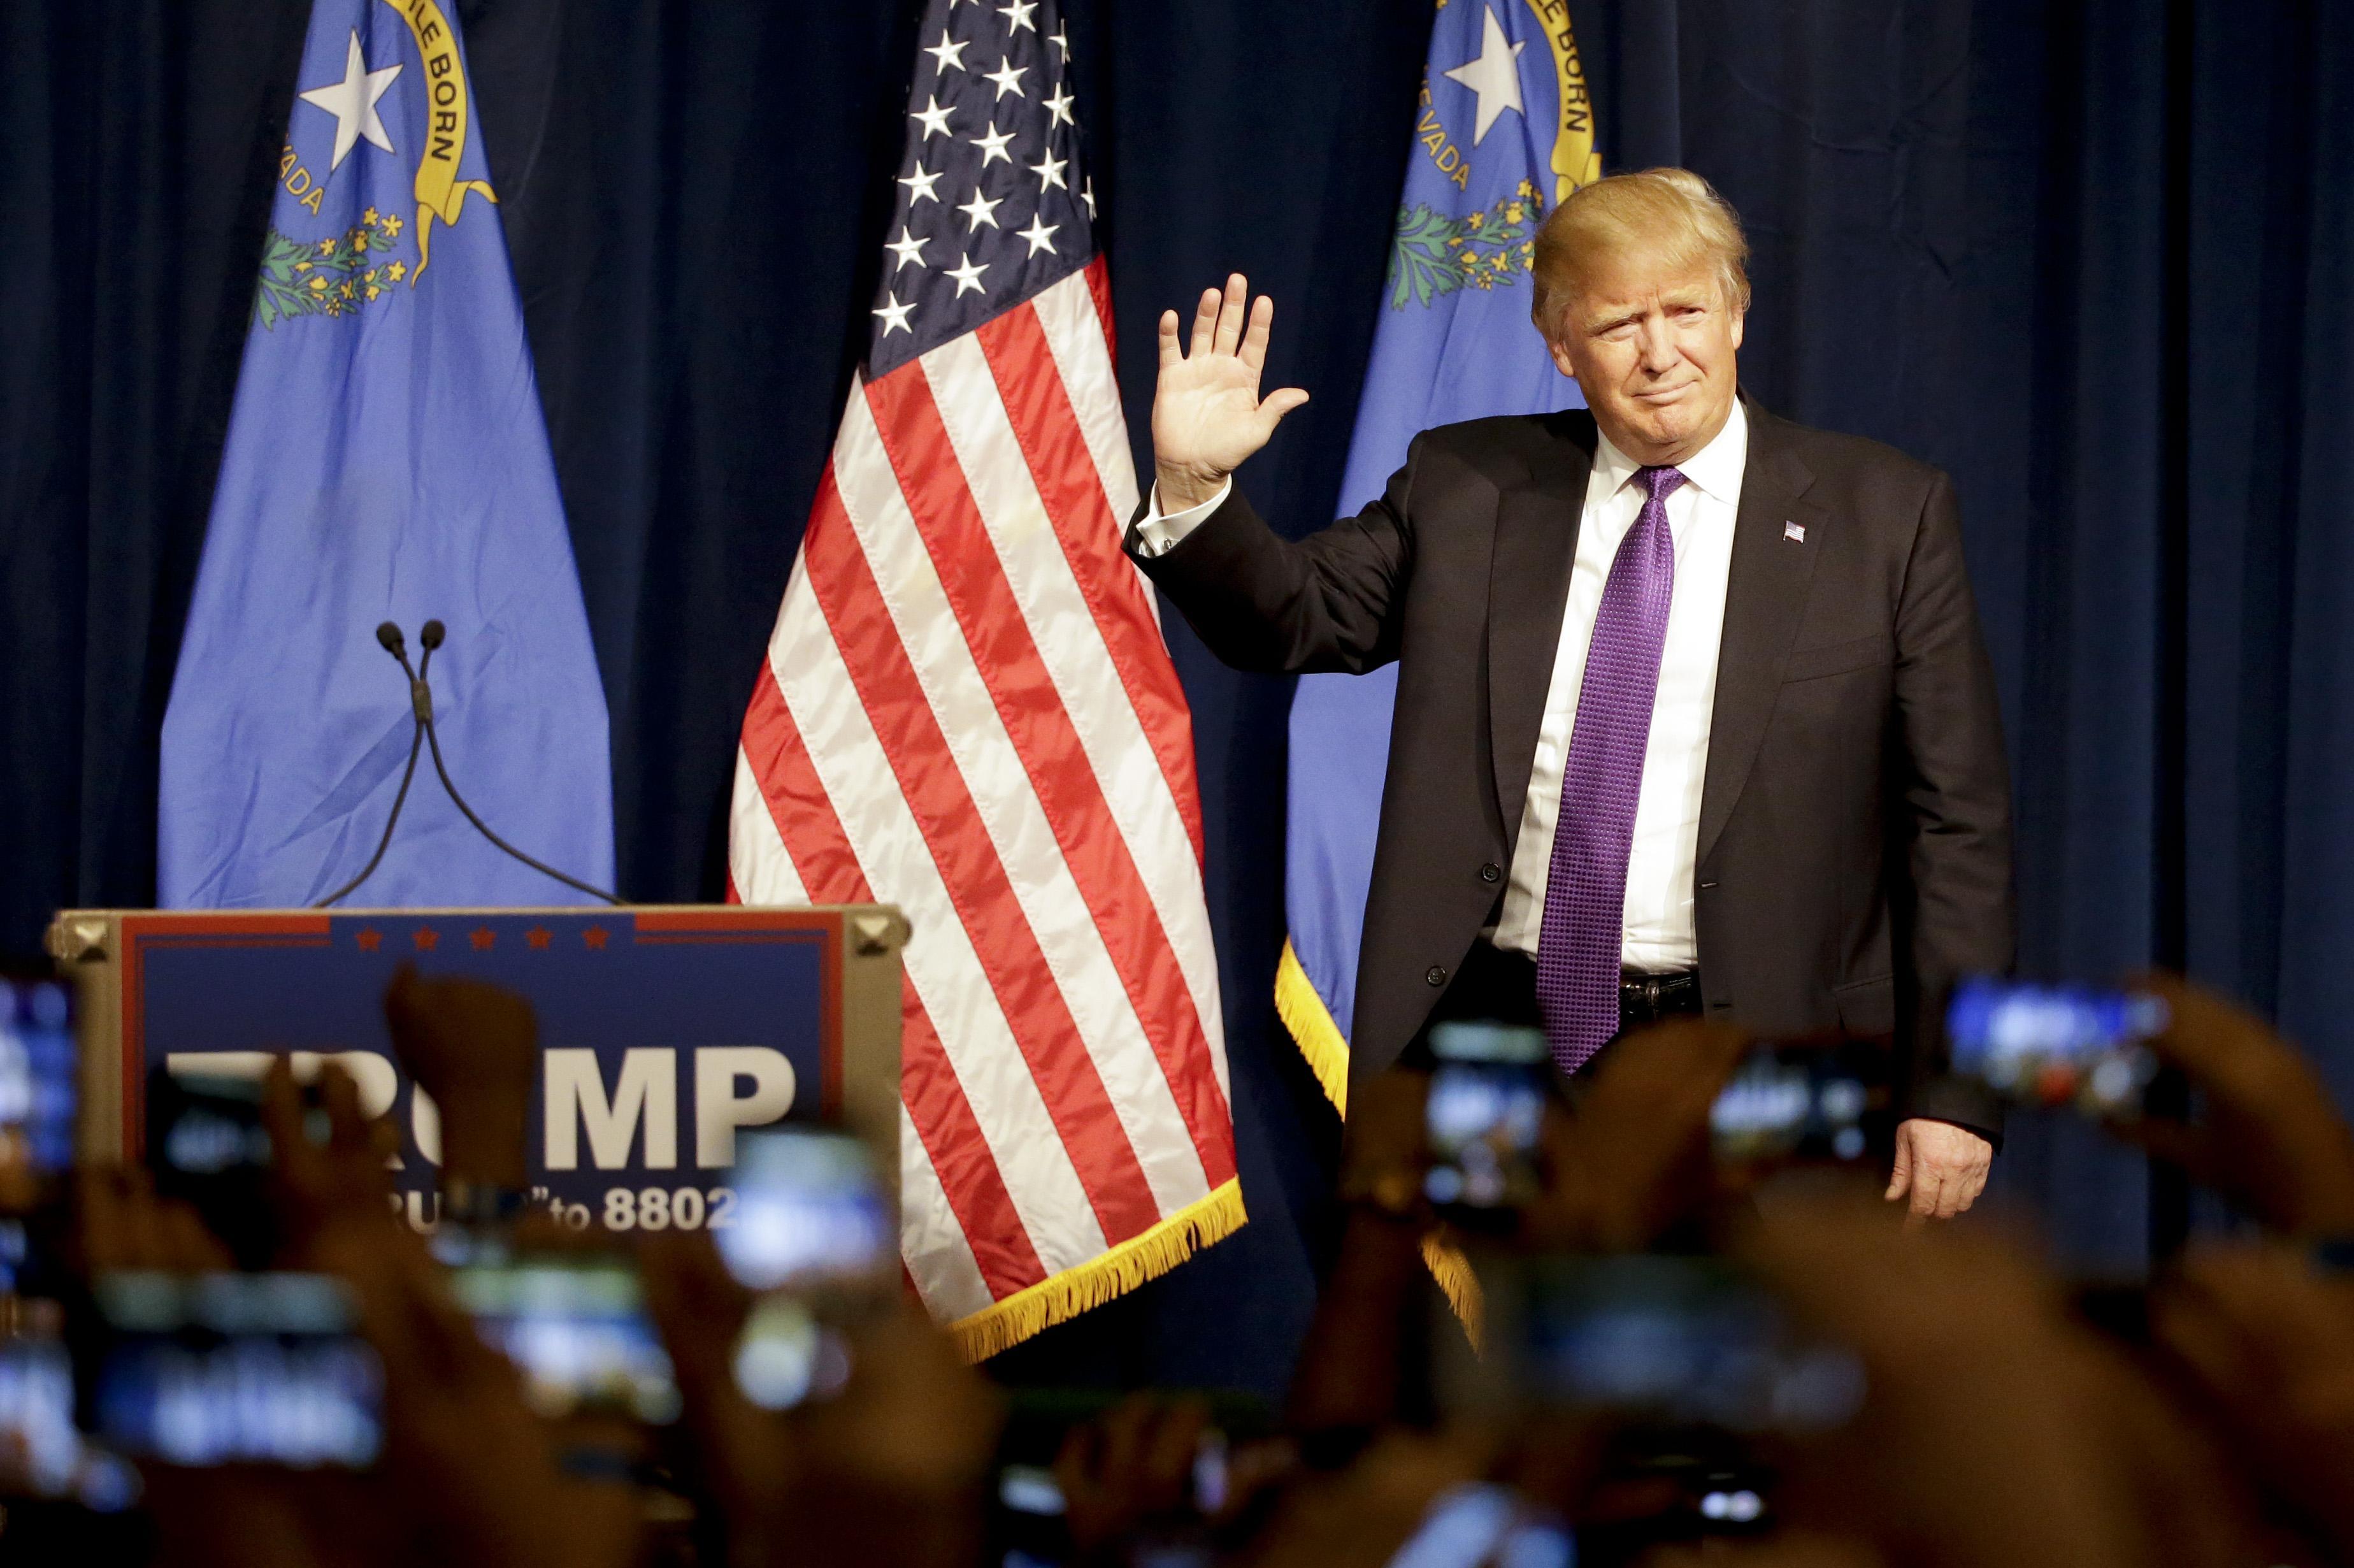 Trump previews debate, calls Cruz a 'nervous wreck'